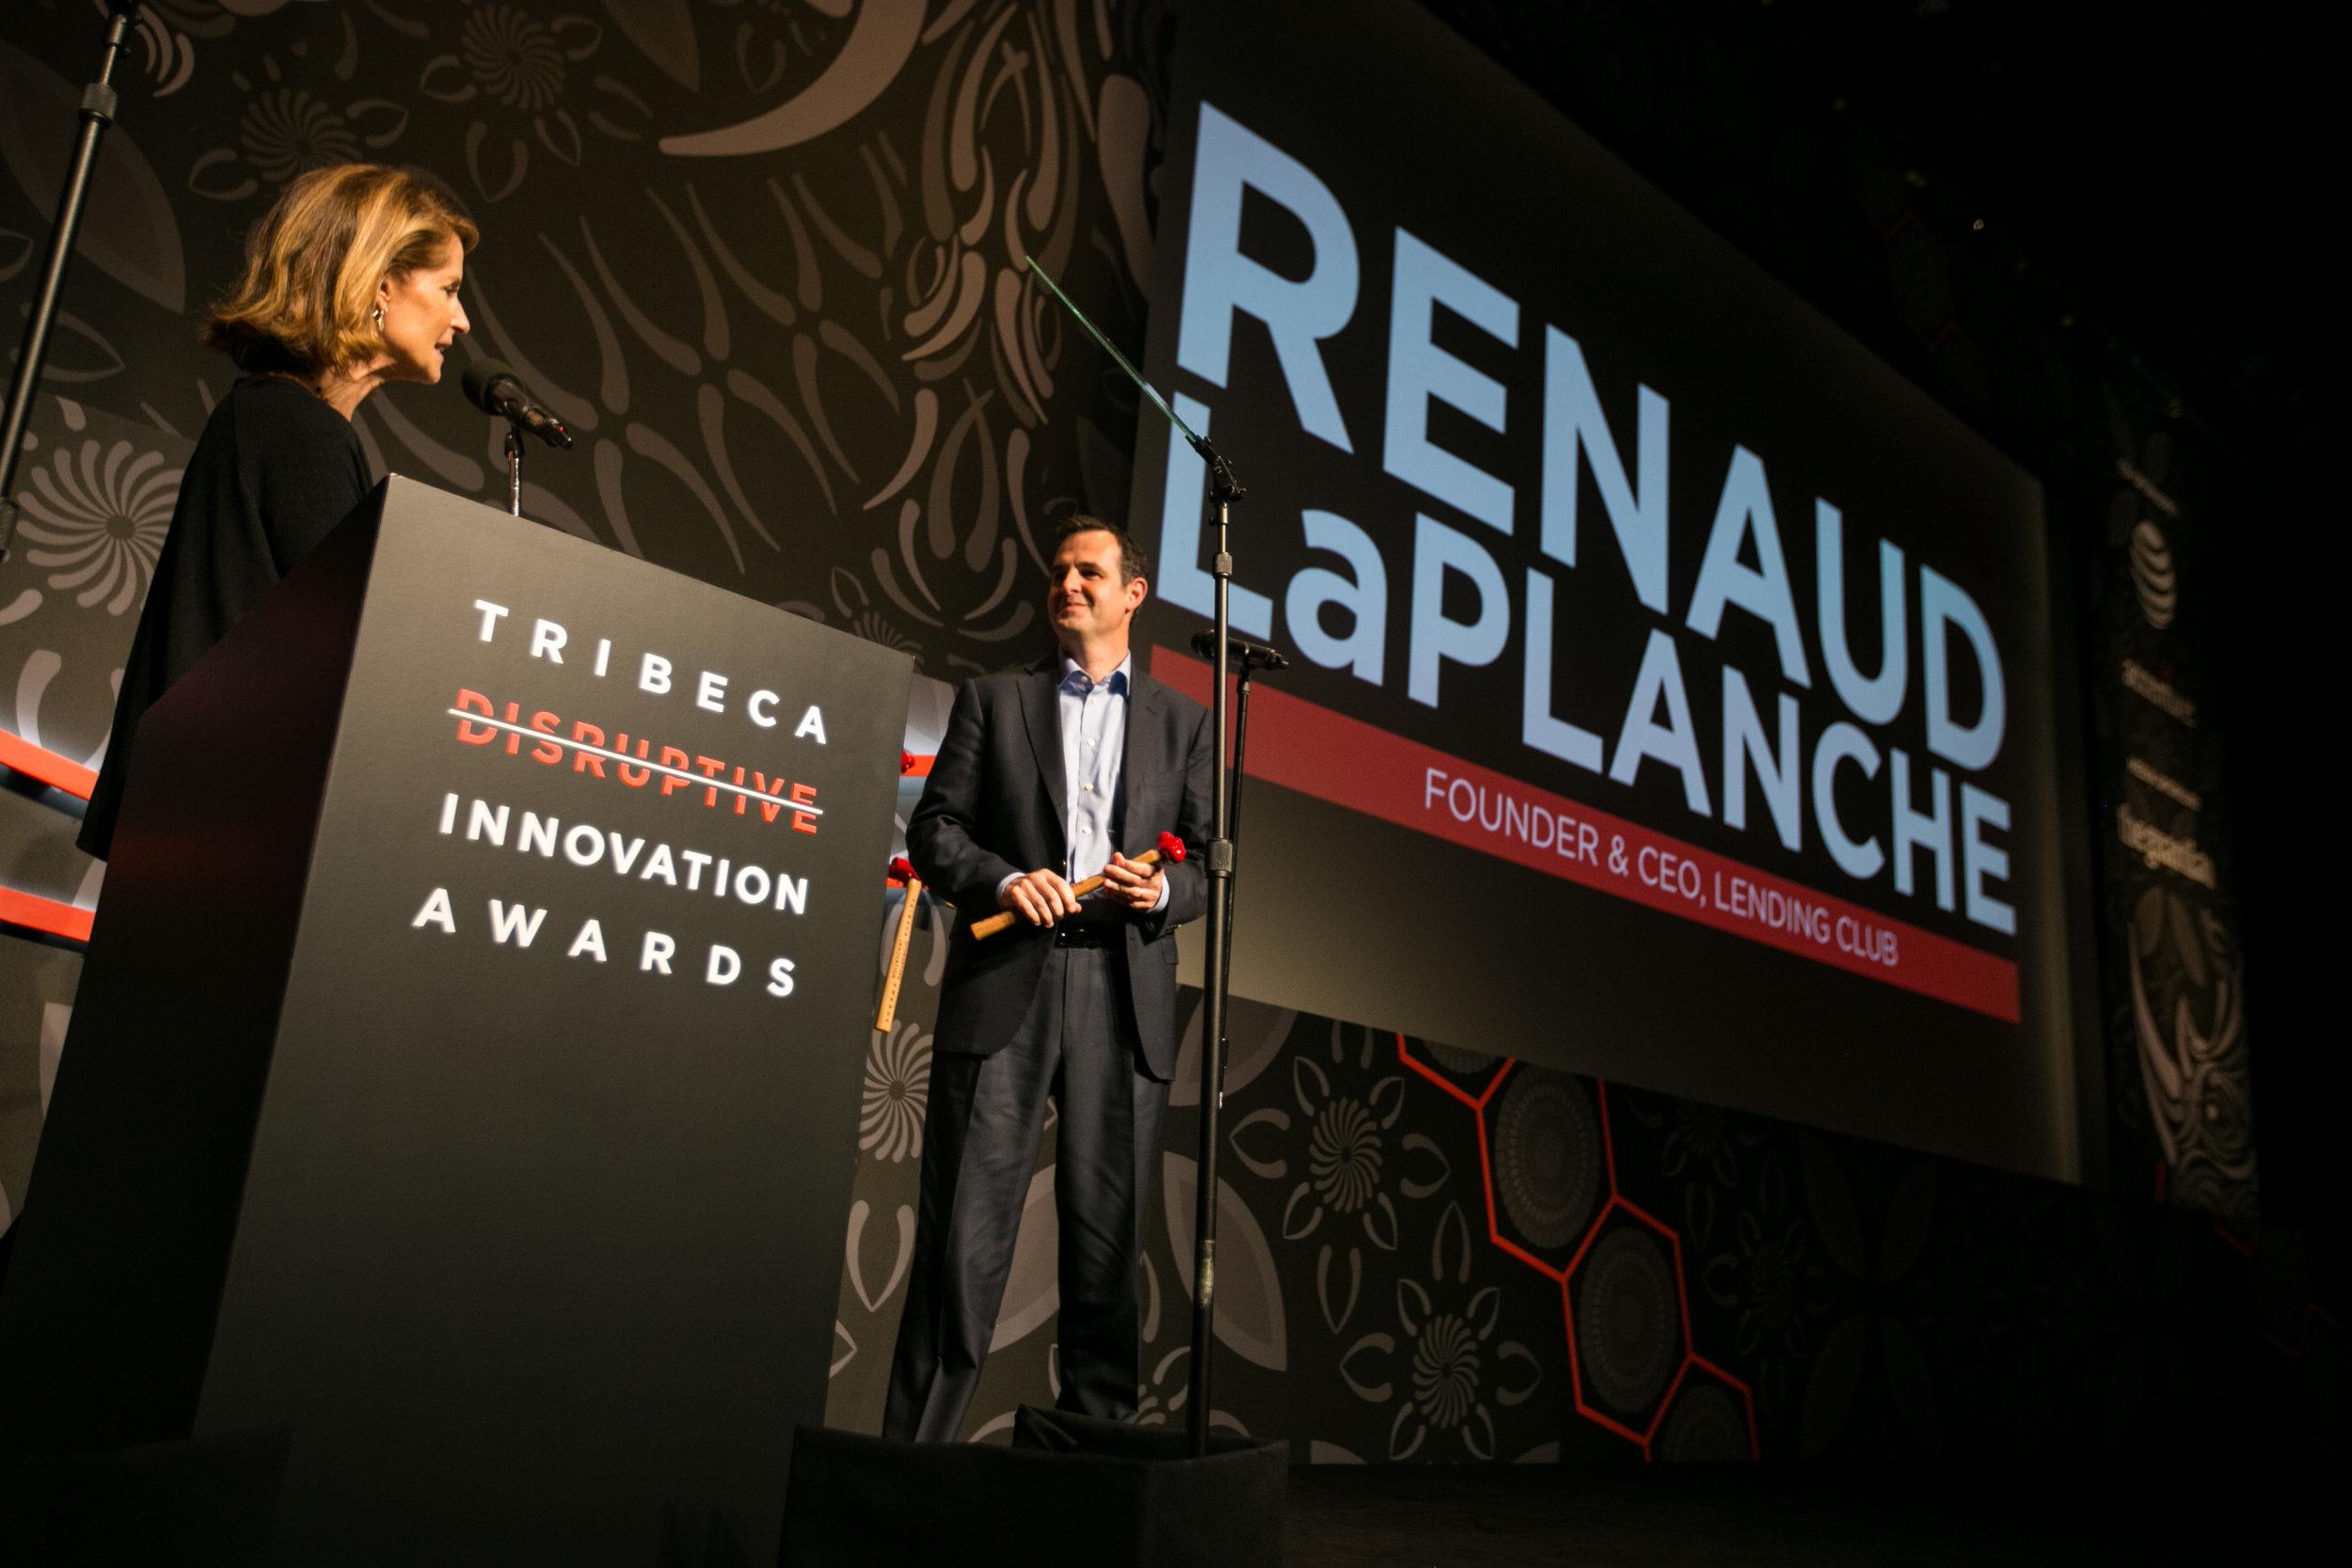 20160422-Tribeca Disruptive Innovation Awards-0624.jpg